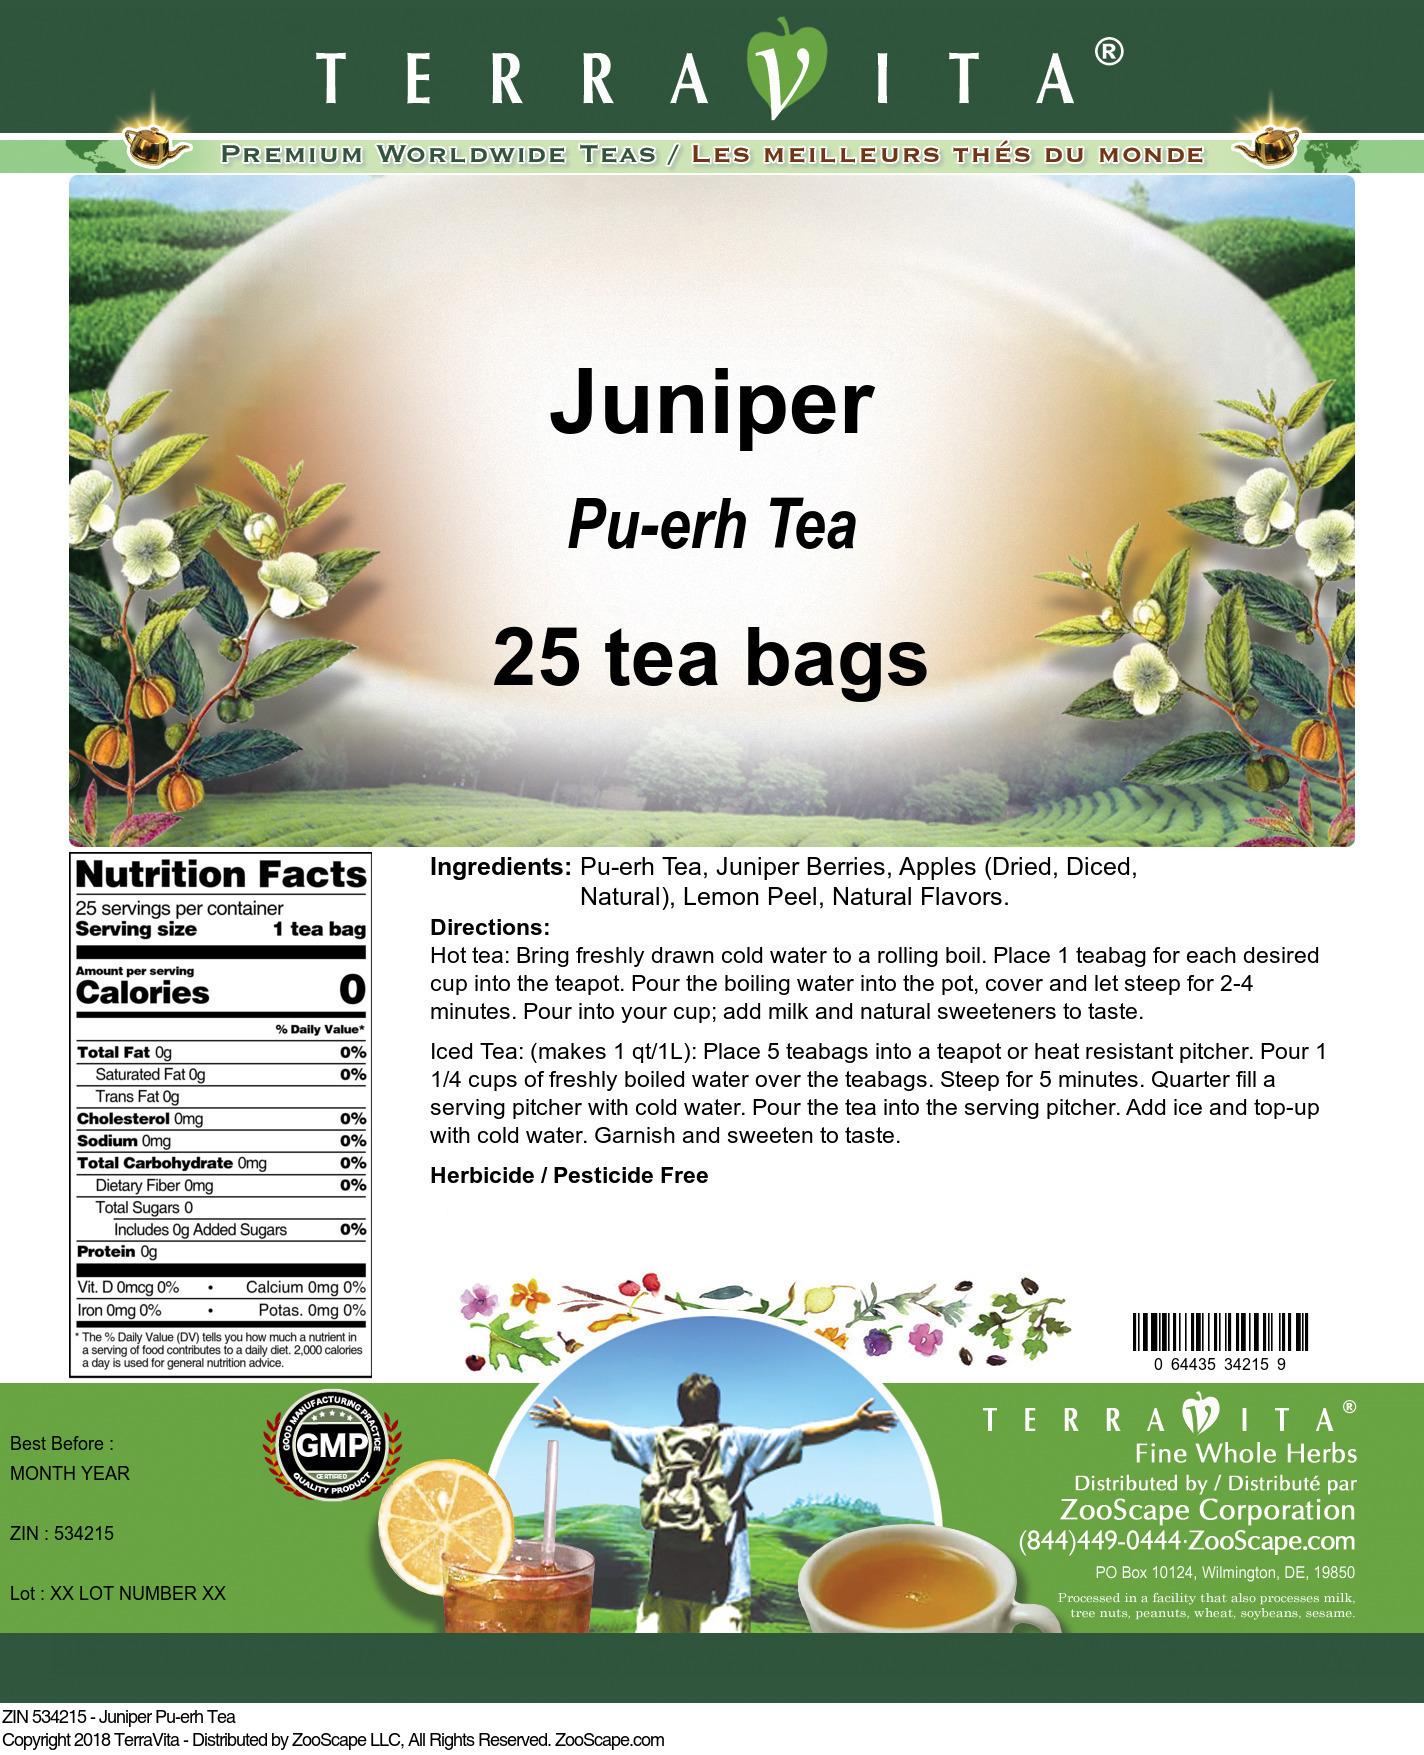 Juniper Pu-erh Tea